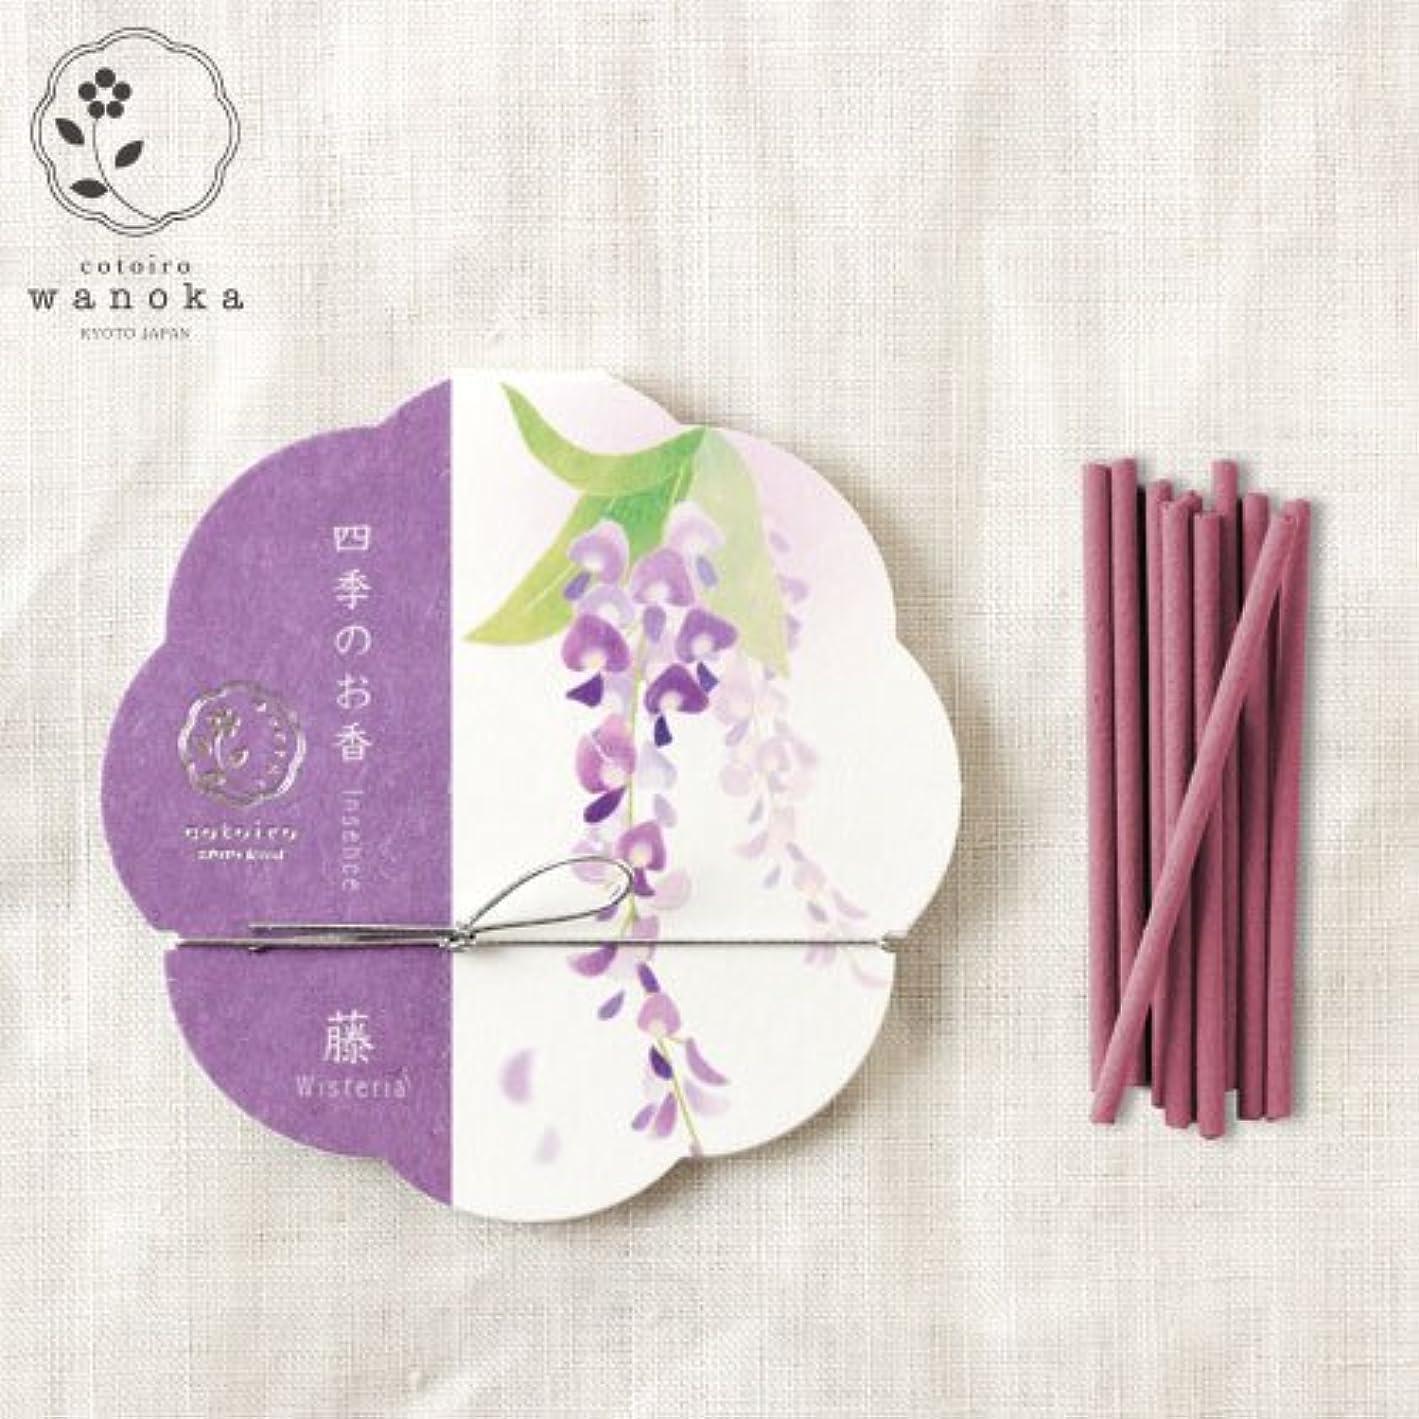 現実的ネックレス膨らみwanoka四季のお香(インセンス)藤《藤をイメージした華やかな香り》ART LABIncense stick